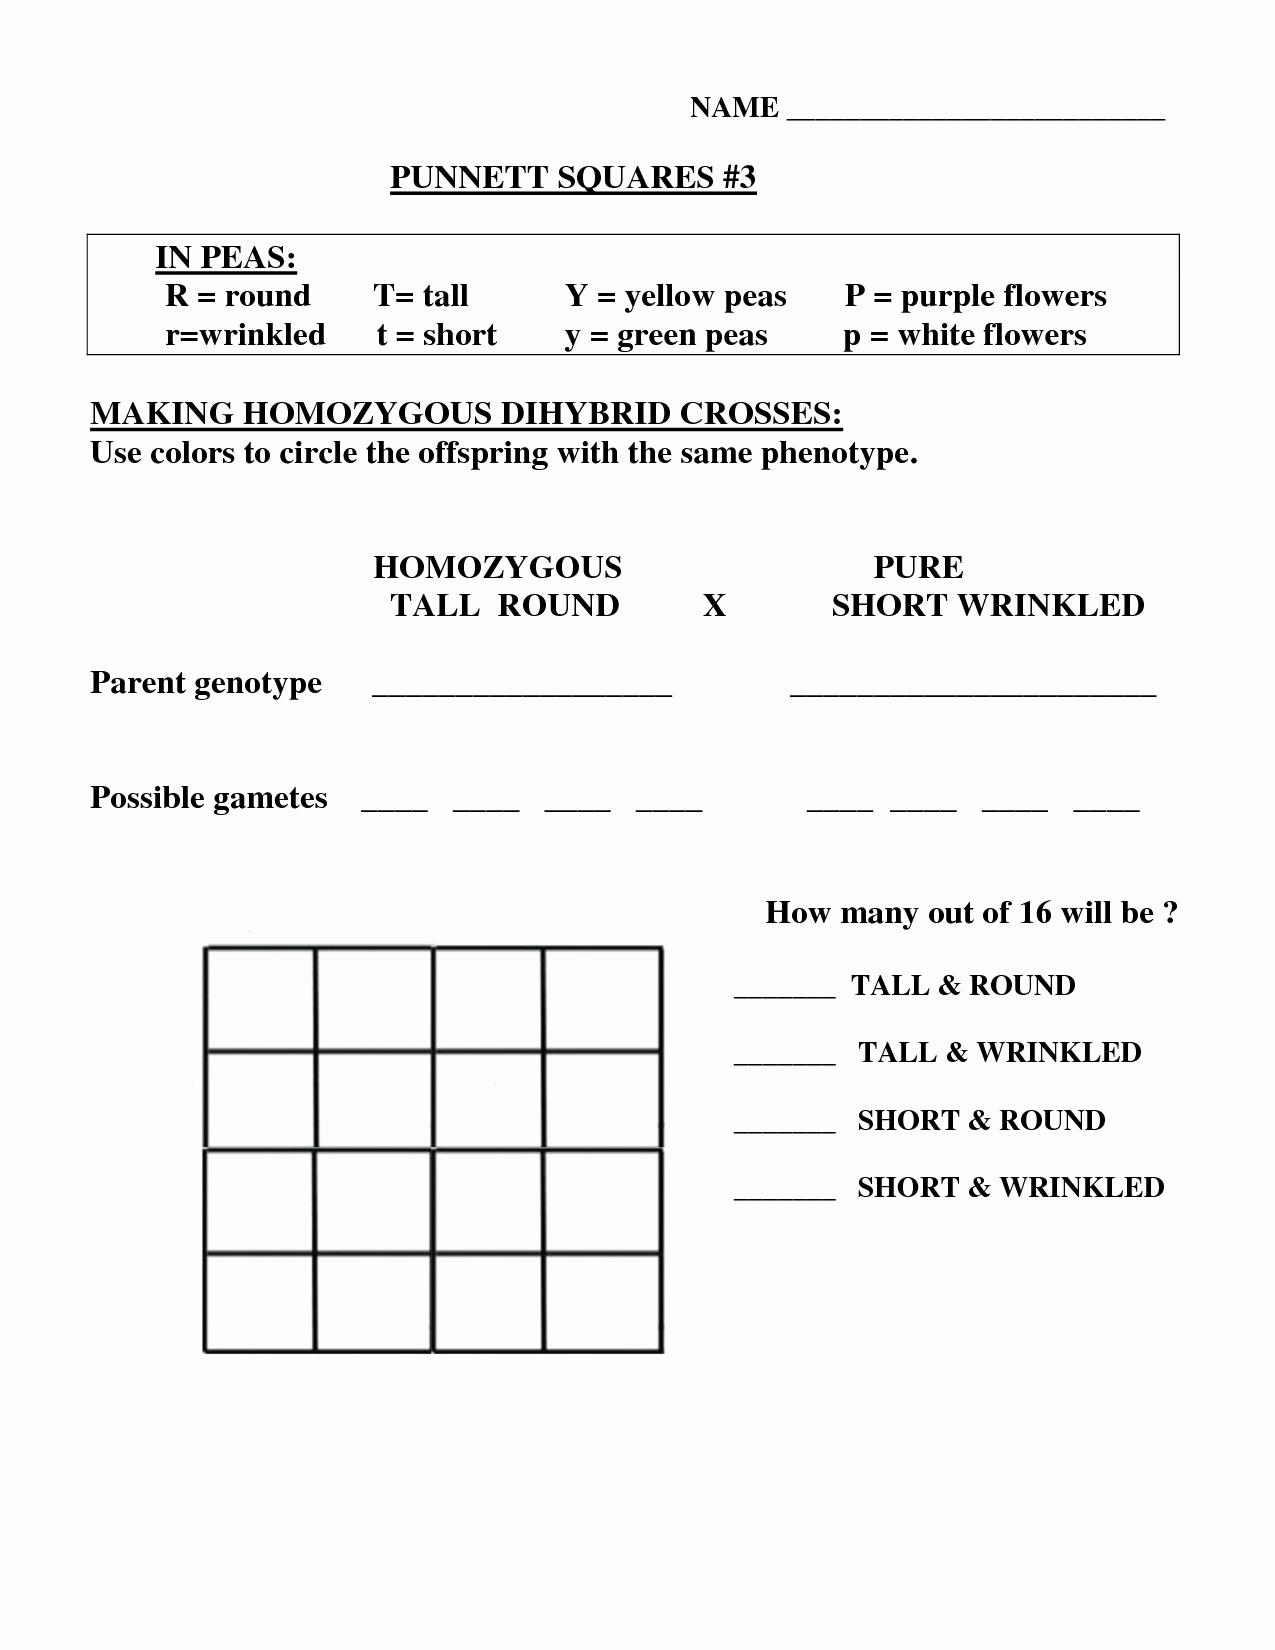 Monohybrid Cross Worksheet Answers Lovely 15 Best Of Dihybrid Cross Worksheet Answers